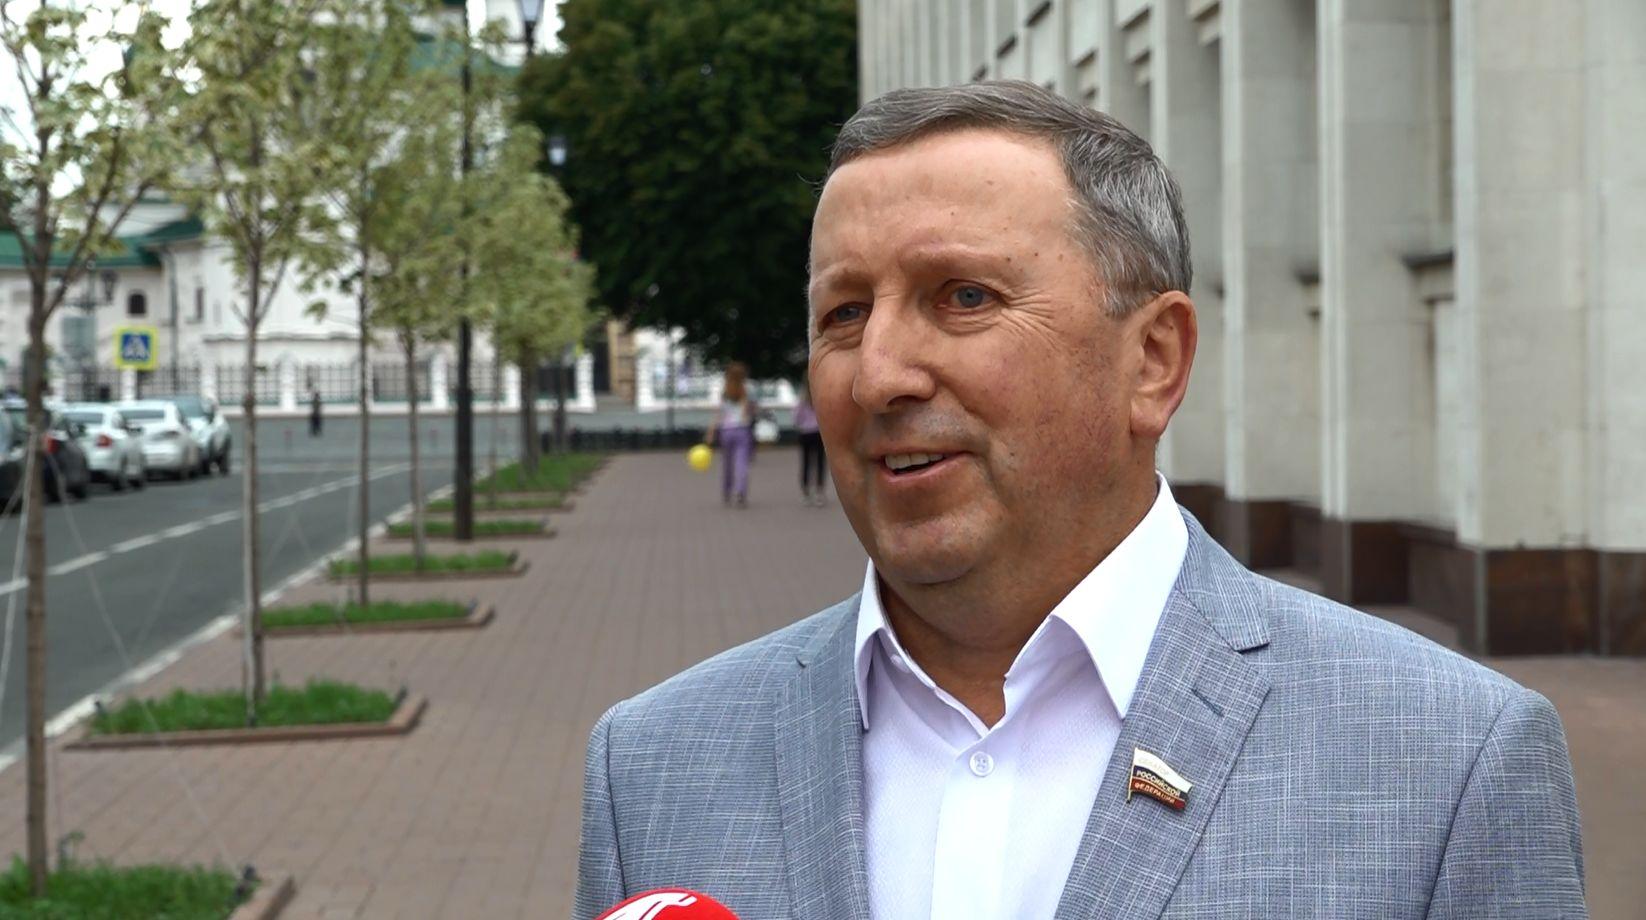 Пресс-конференция Дмитрия Миронова нашла отклик среди общественников, сенаторов, бизнесменов